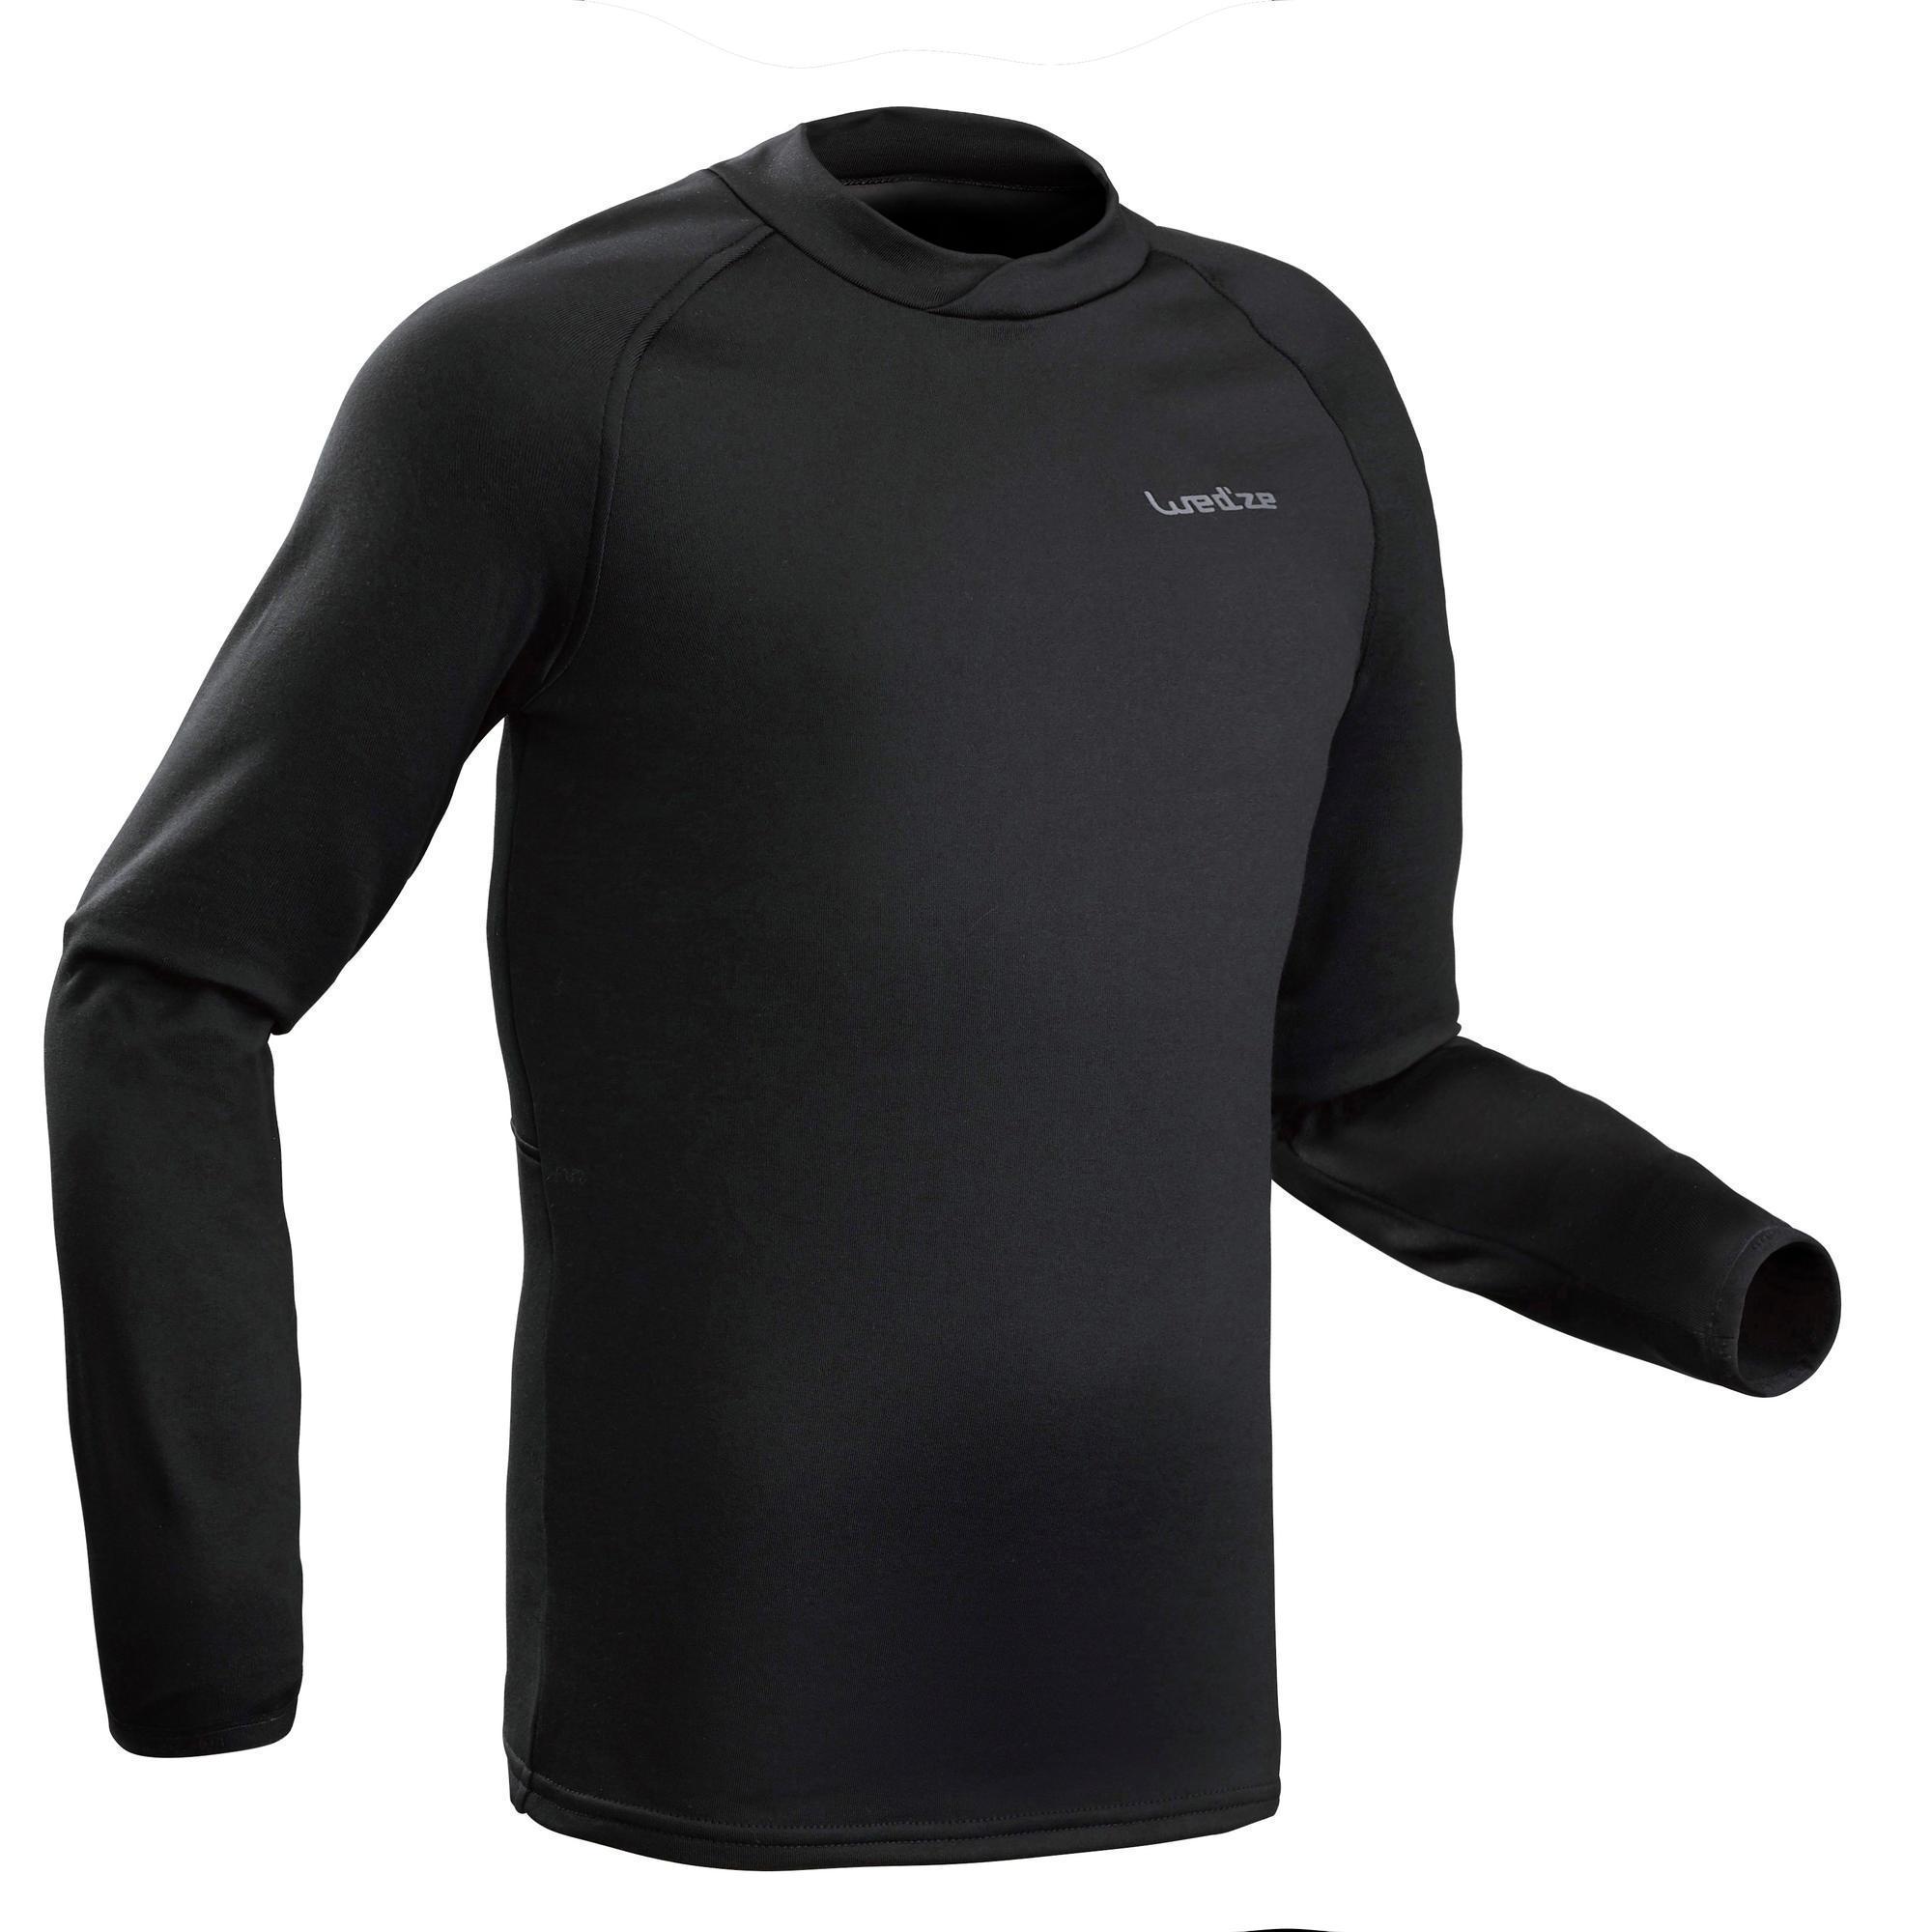 Skiunterhemd Freshwarm Herren | Sportbekleidung > Funktionswäsche > Thermounterwäsche | Wedze